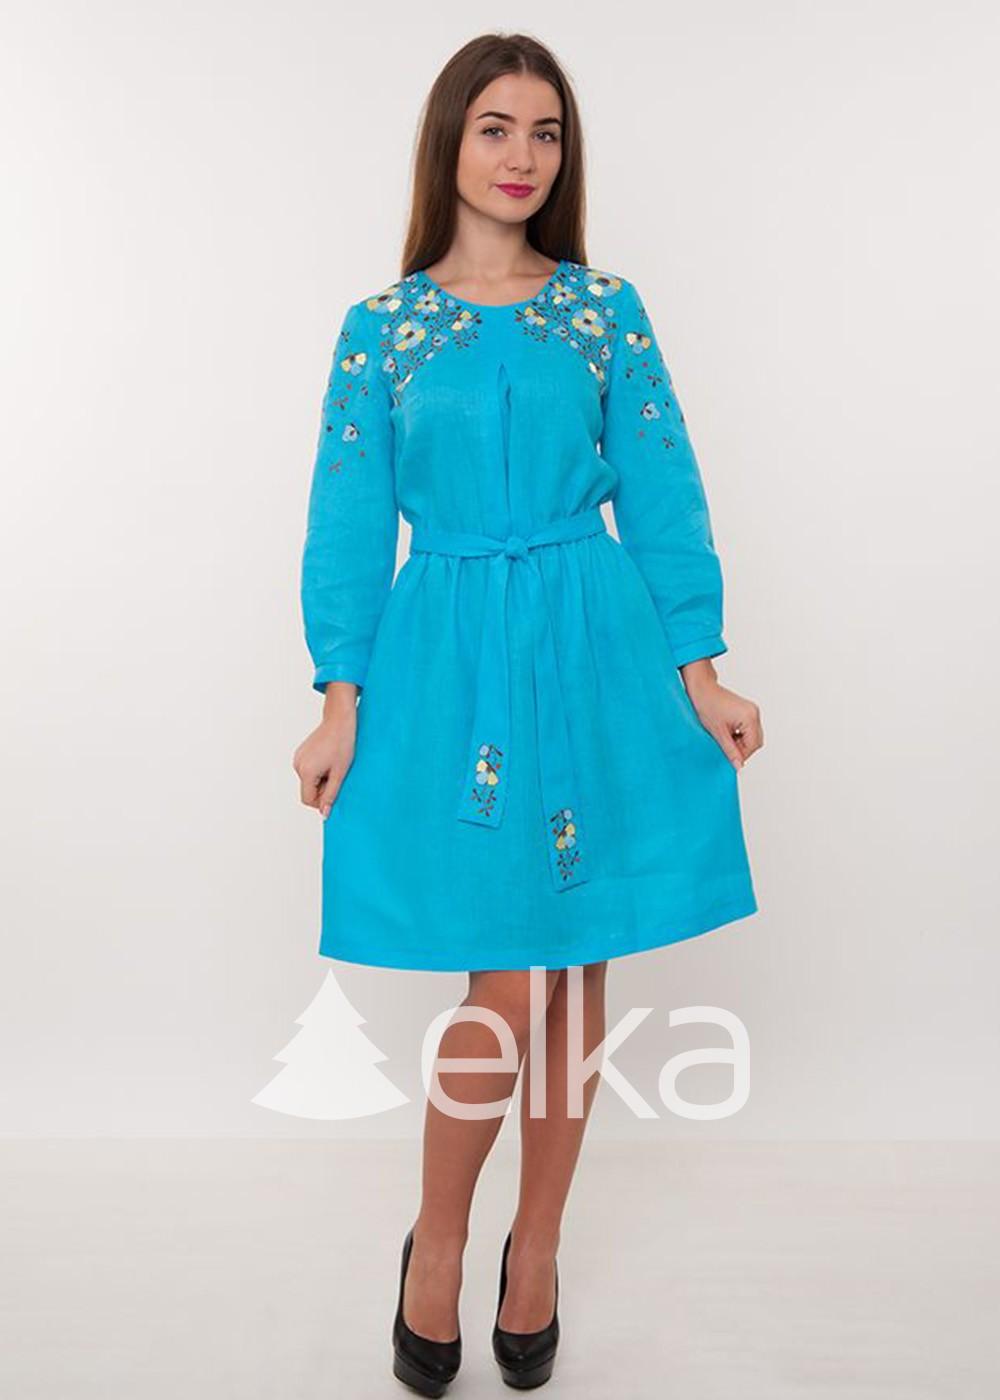 Платье вышиванка бирюзовое